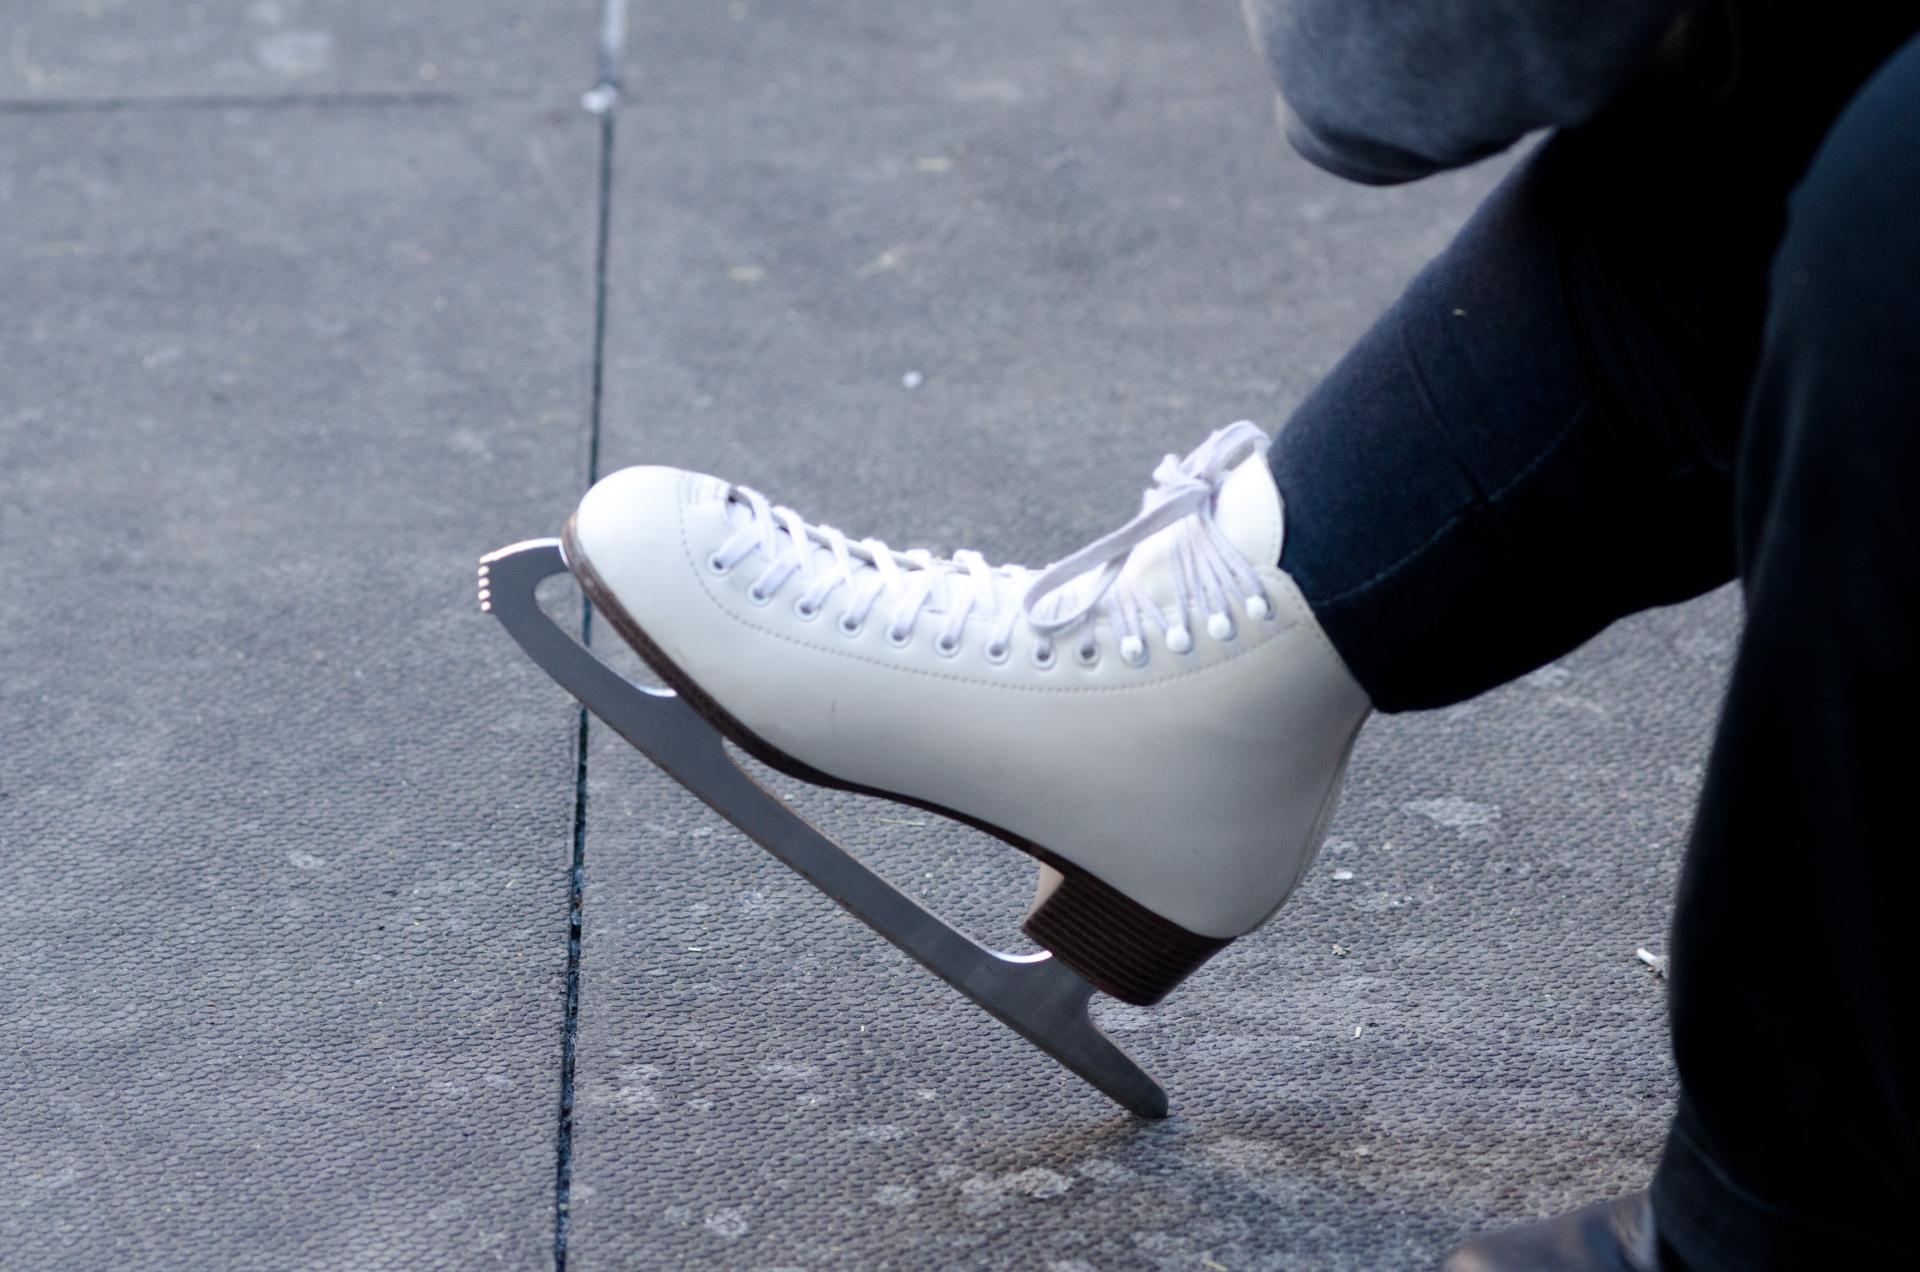 【スケート靴 買取】スケート靴は中古でも売れる?処分する前にチェック!